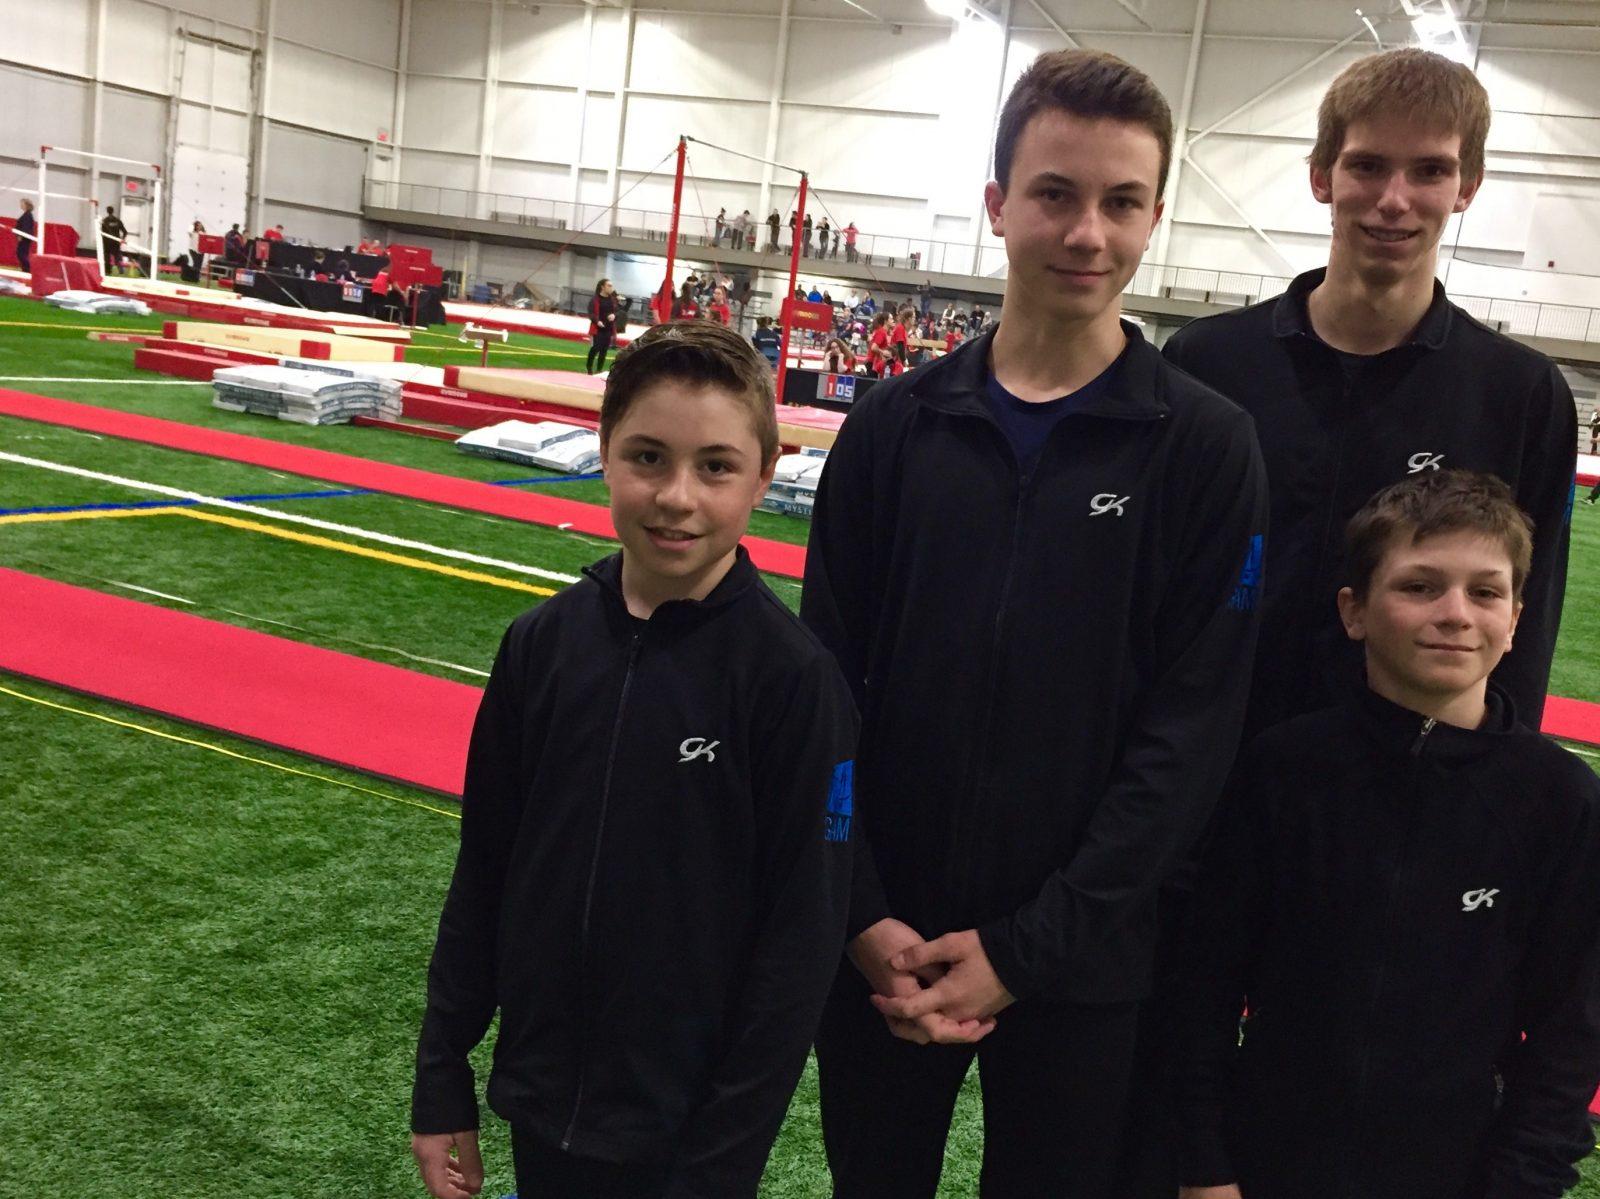 Drummond Gym se prépare pour le championnat québécois